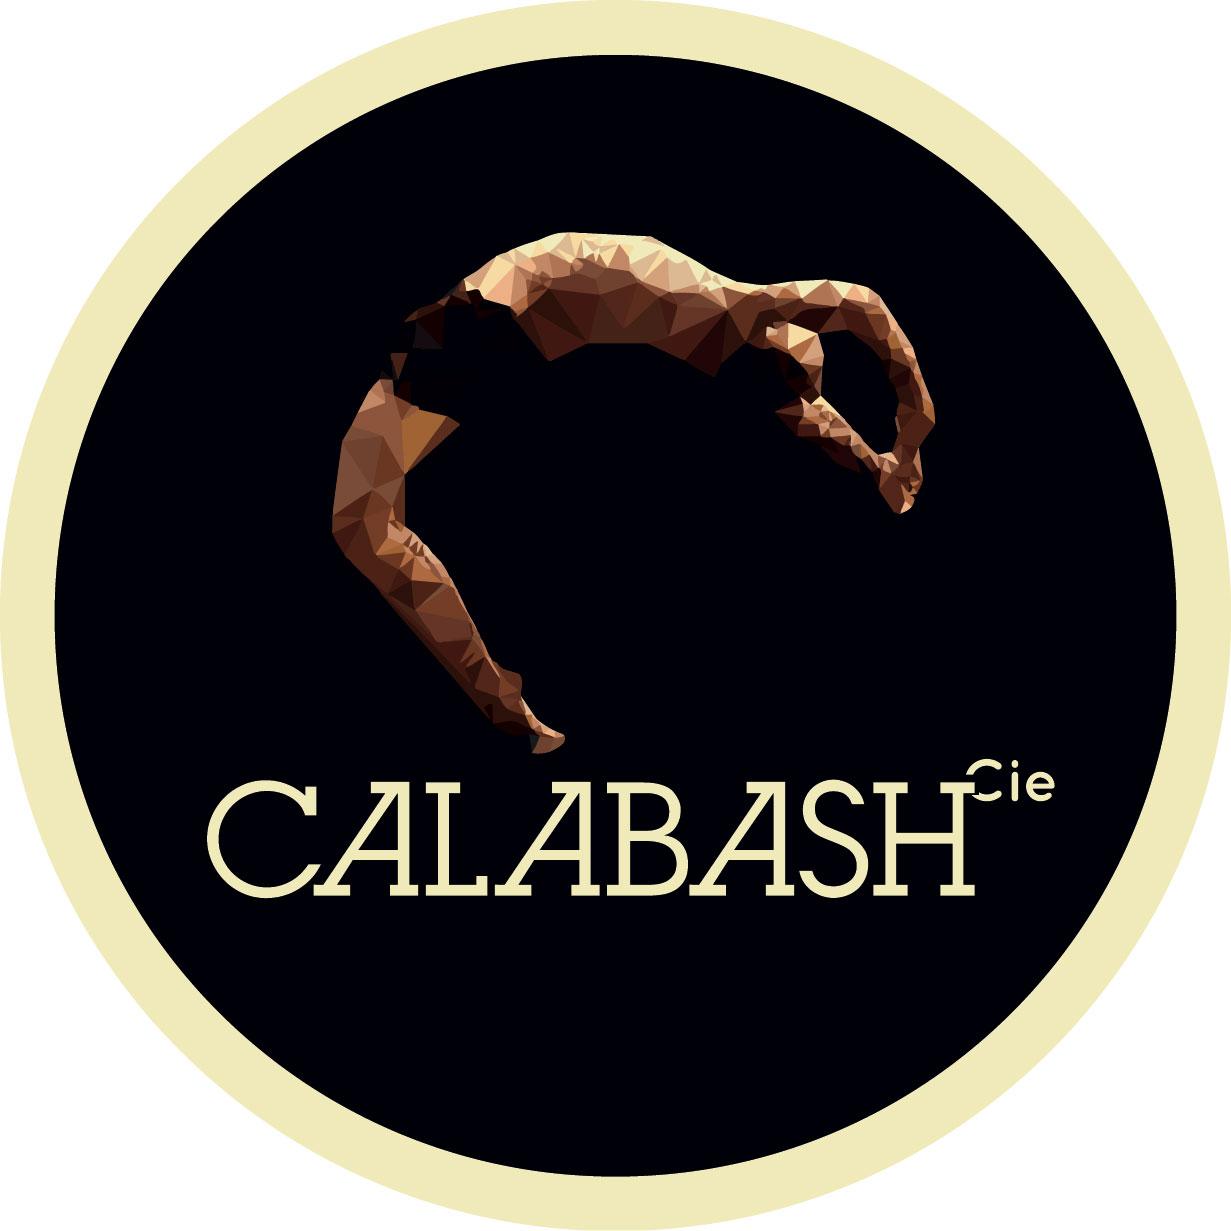 Centre Chorégraphique Calabash